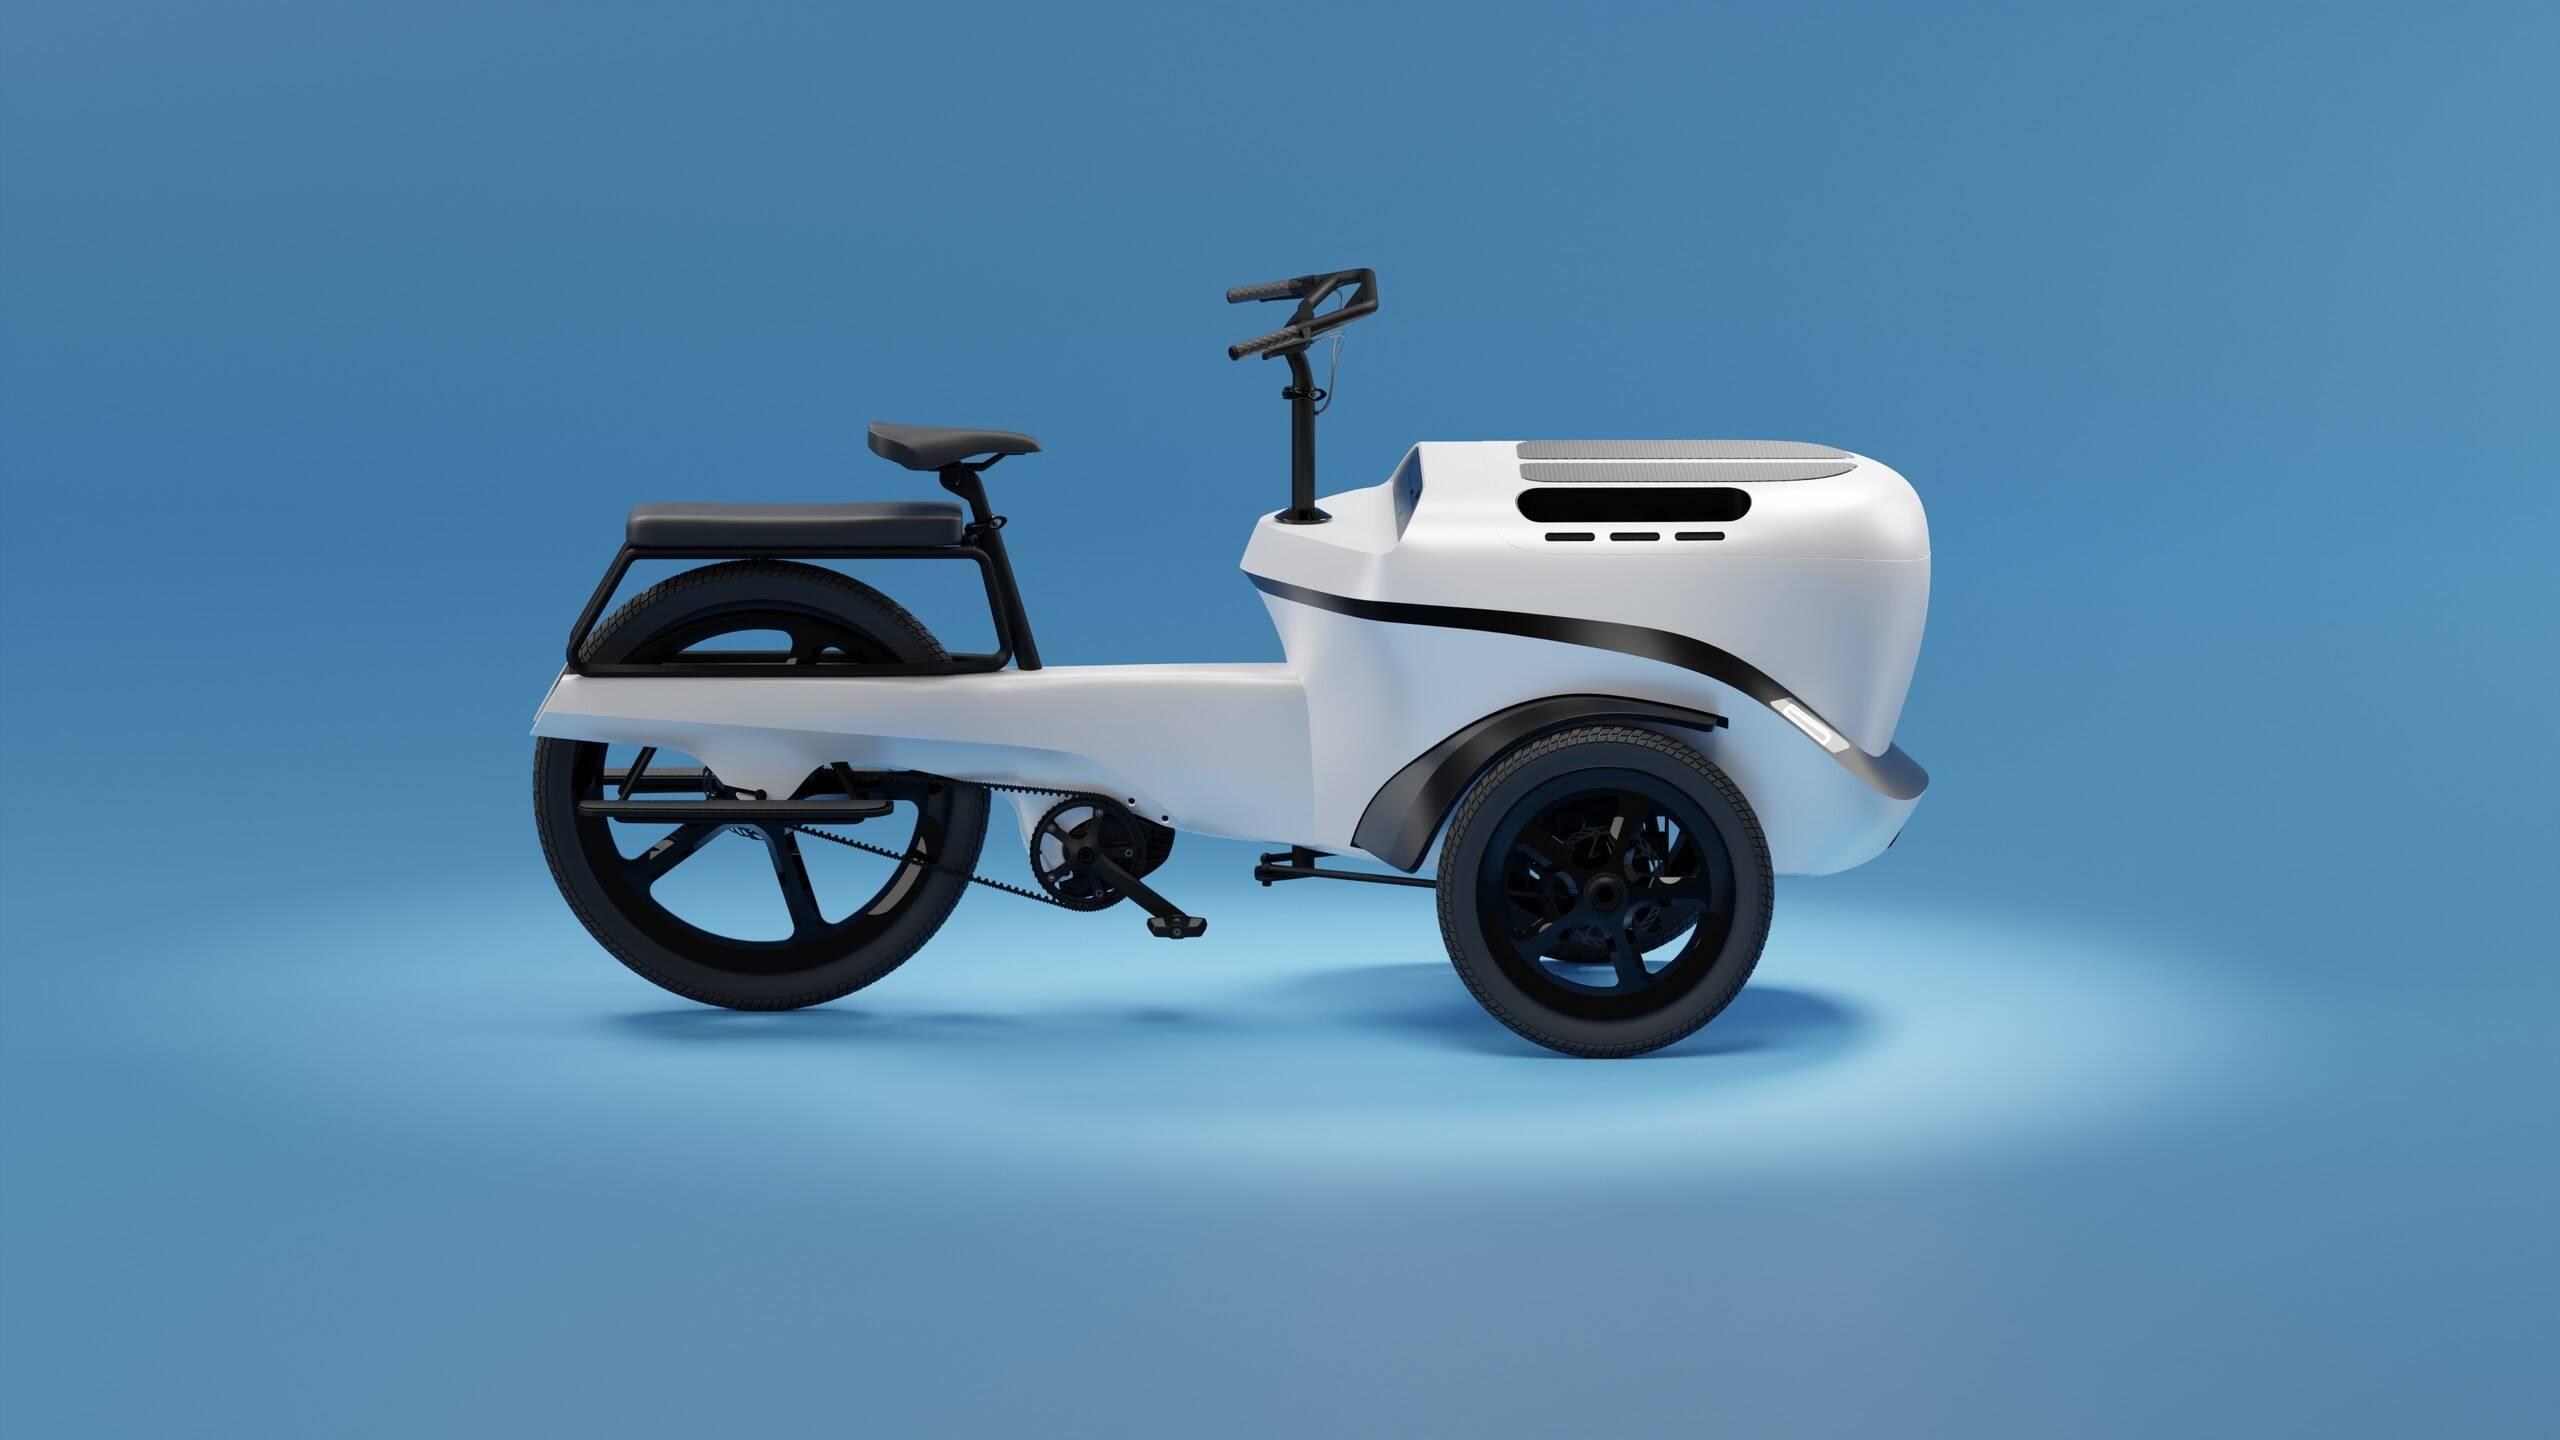 Triciclo elétrico Beluga. Foto: Divulgação